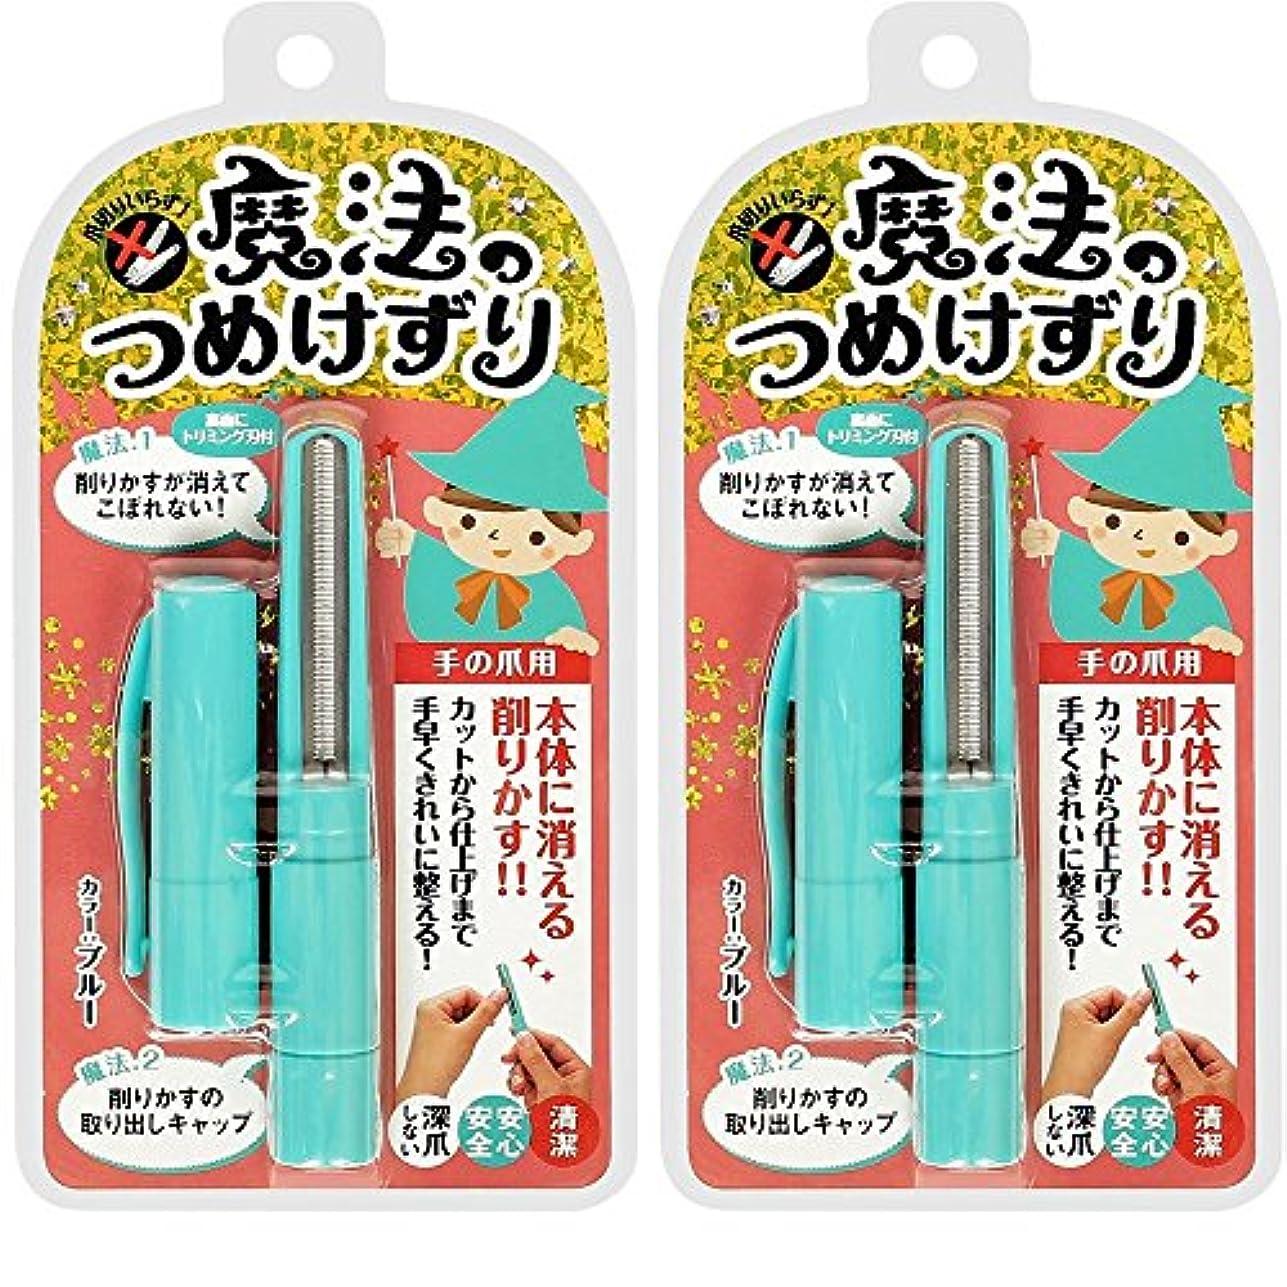 余剰立ち向かう友だち【セット品】松本金型 魔法のつめけずり MM-091 ブルー 2個